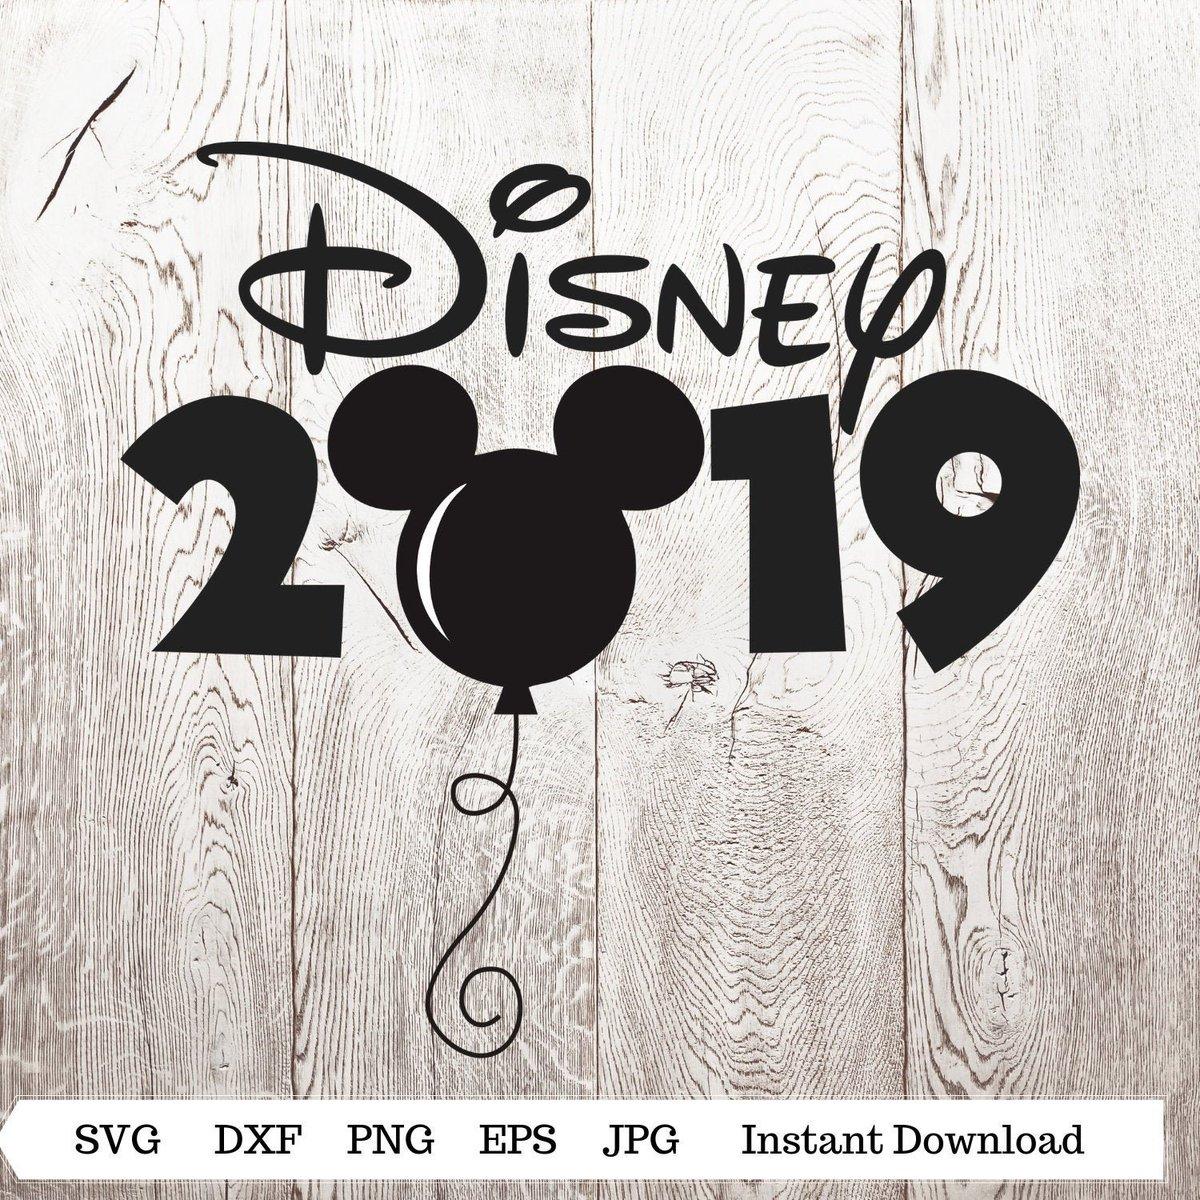 DisneySVG tagged Tweets and Downloader | Twipu